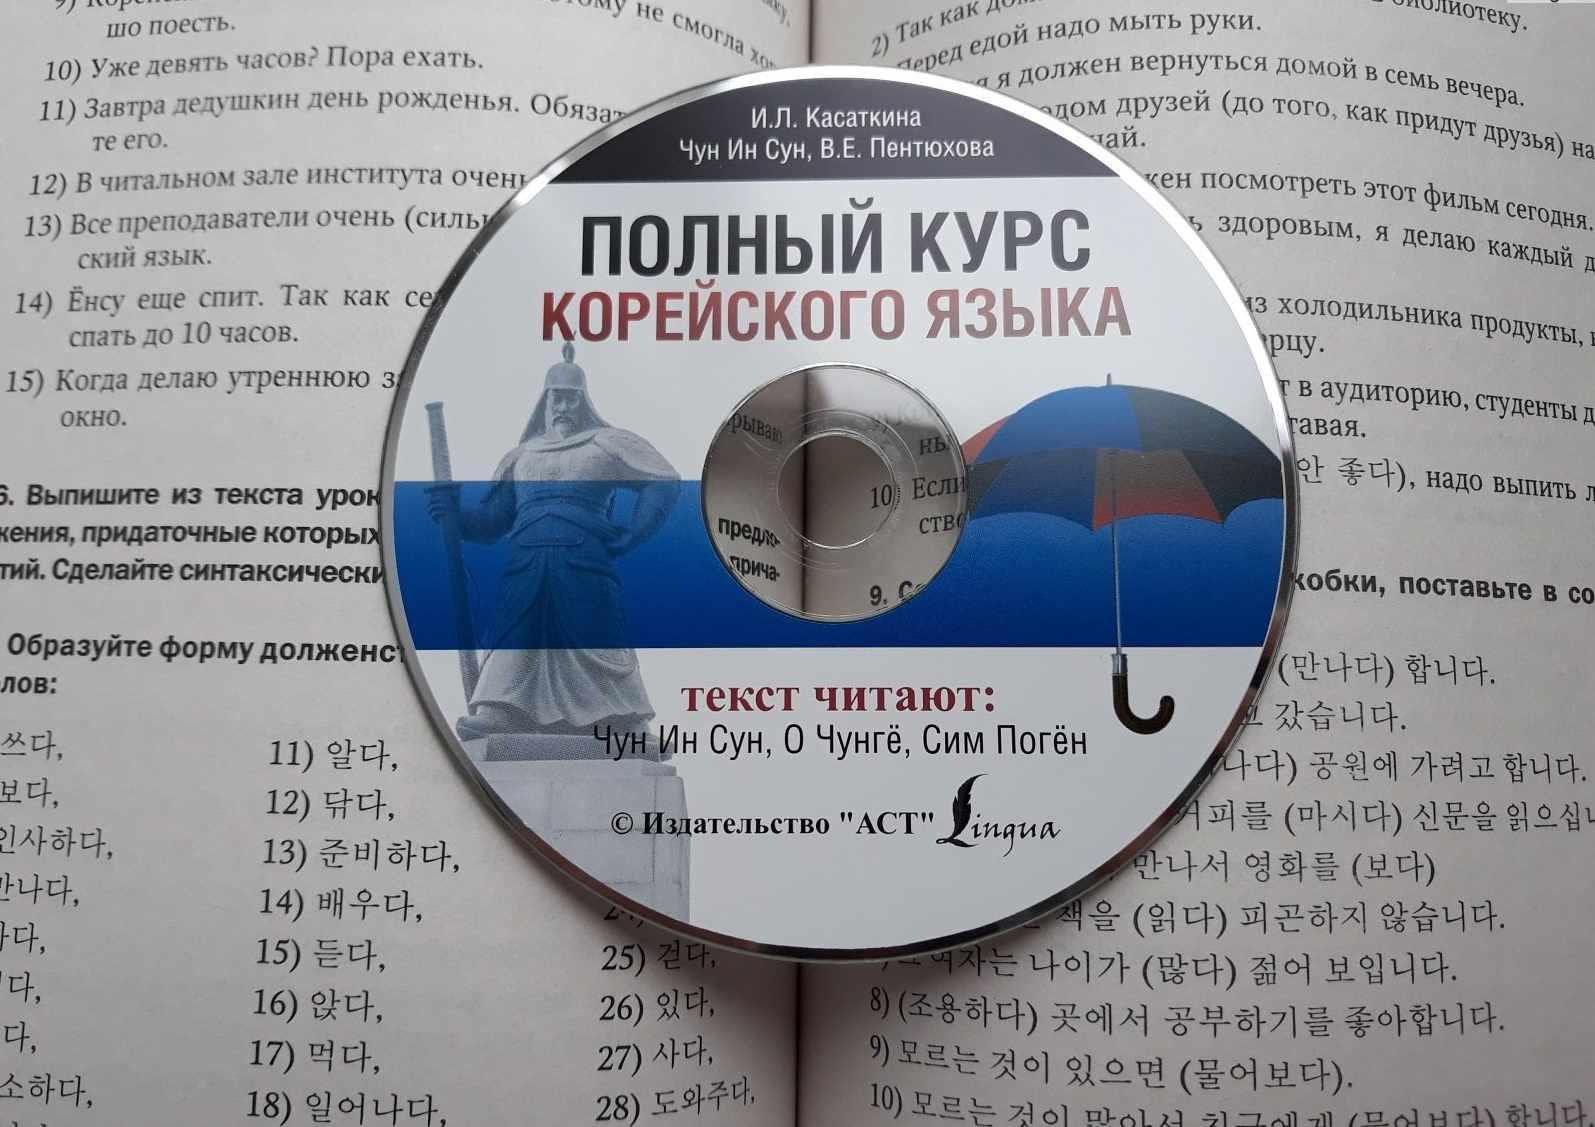 Аудиозапись для изучения языка